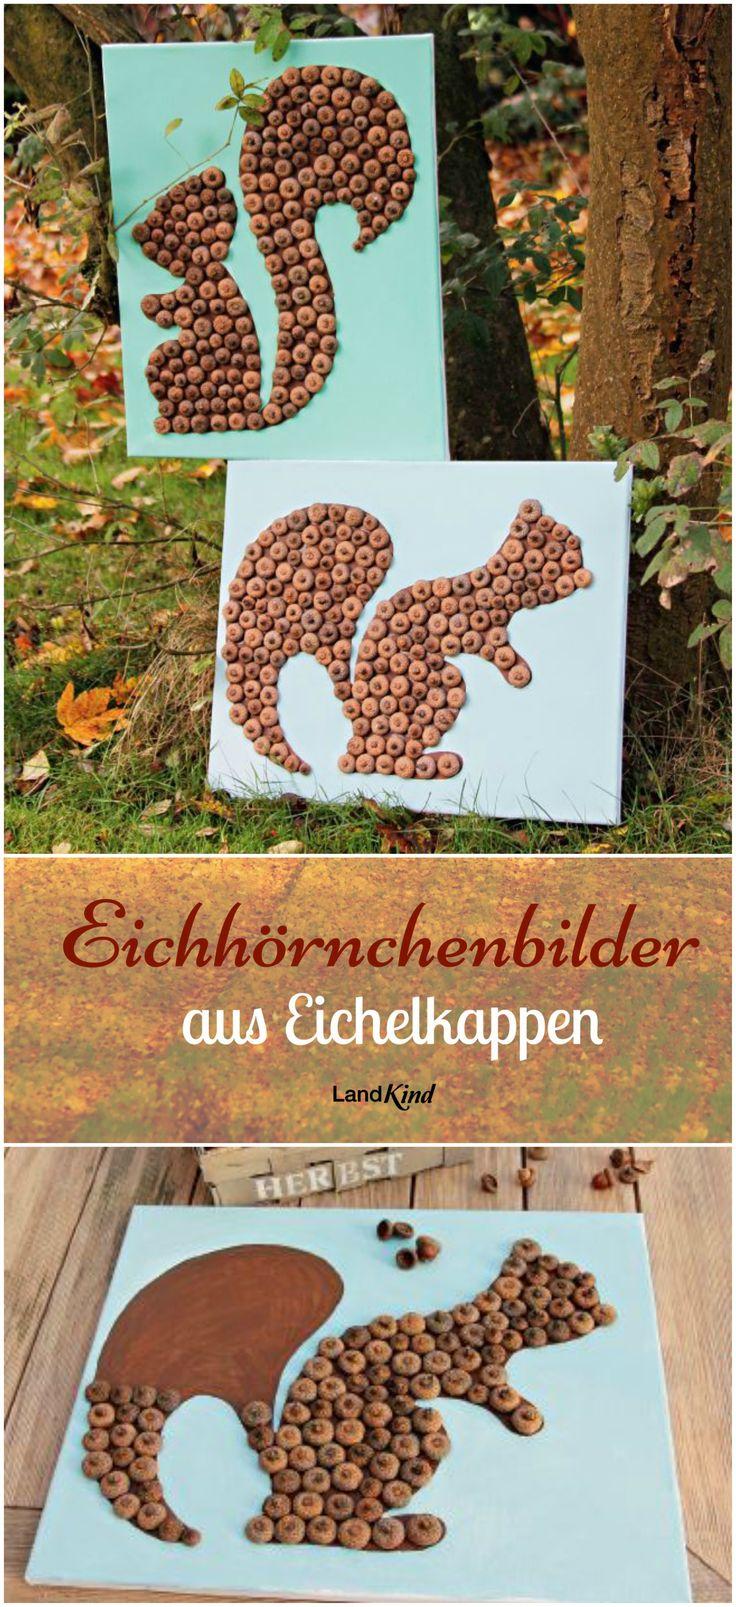 Basteln mit Naturmaterialien macht im Herbst besonders viel Spaß. Aus knubbeligen Eichelkappen entstehen mit Bastelkleber und etwas Farbe kleine Kunstwerke.